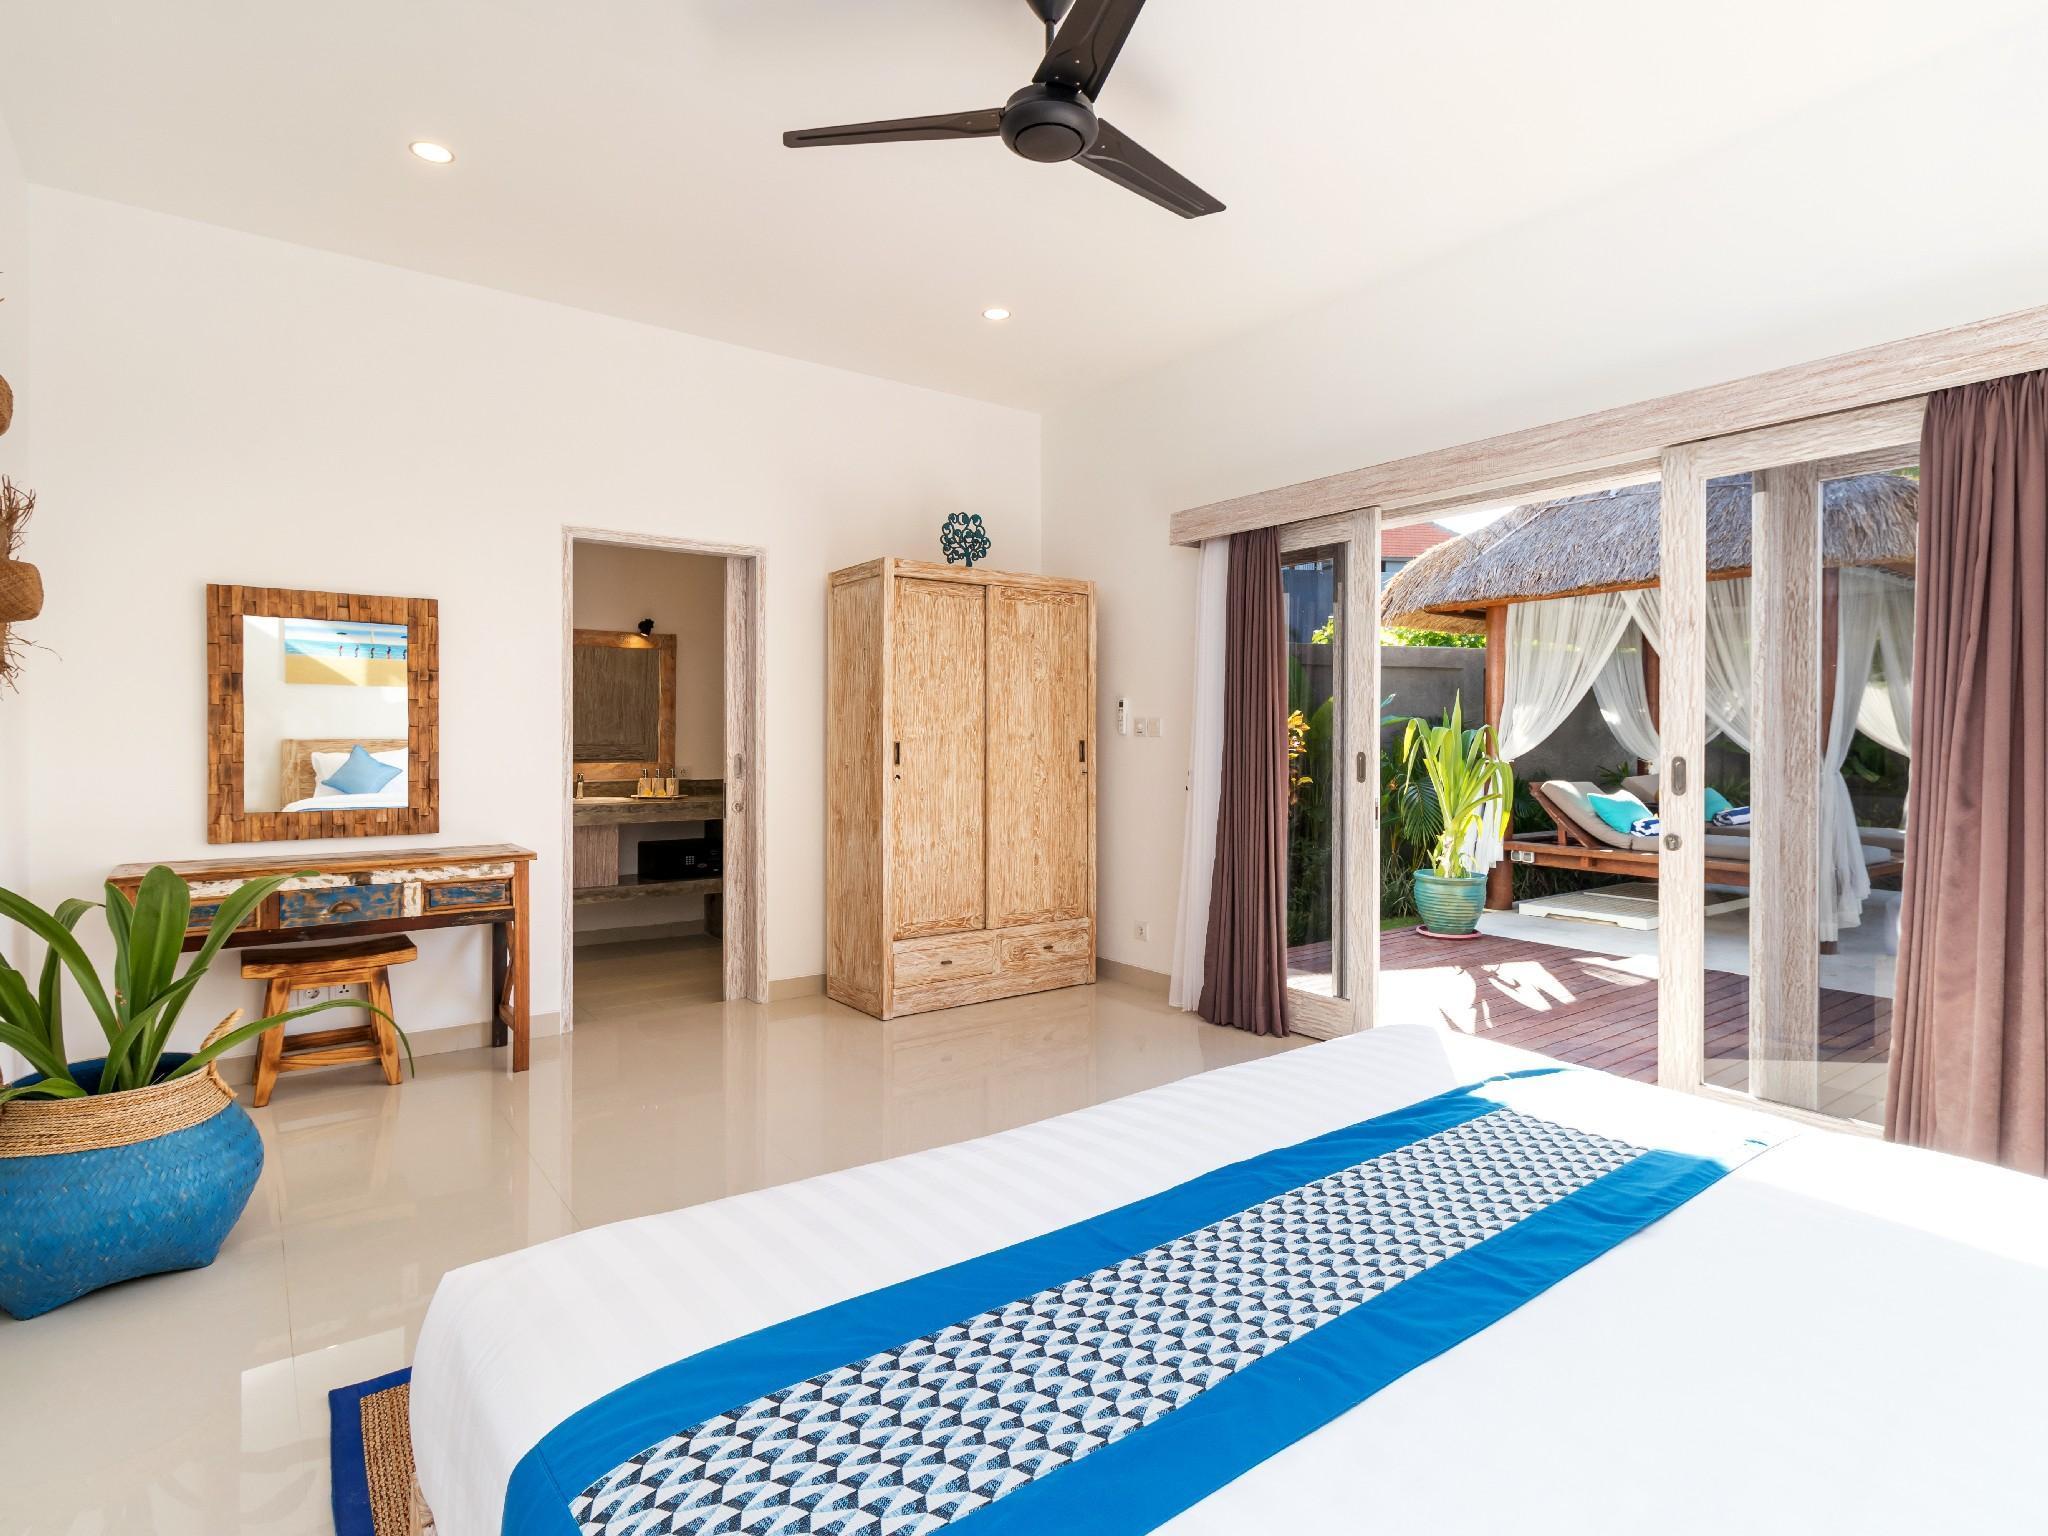 Tropical & Tranquil 7BR In Seminyak Hiburan Villas